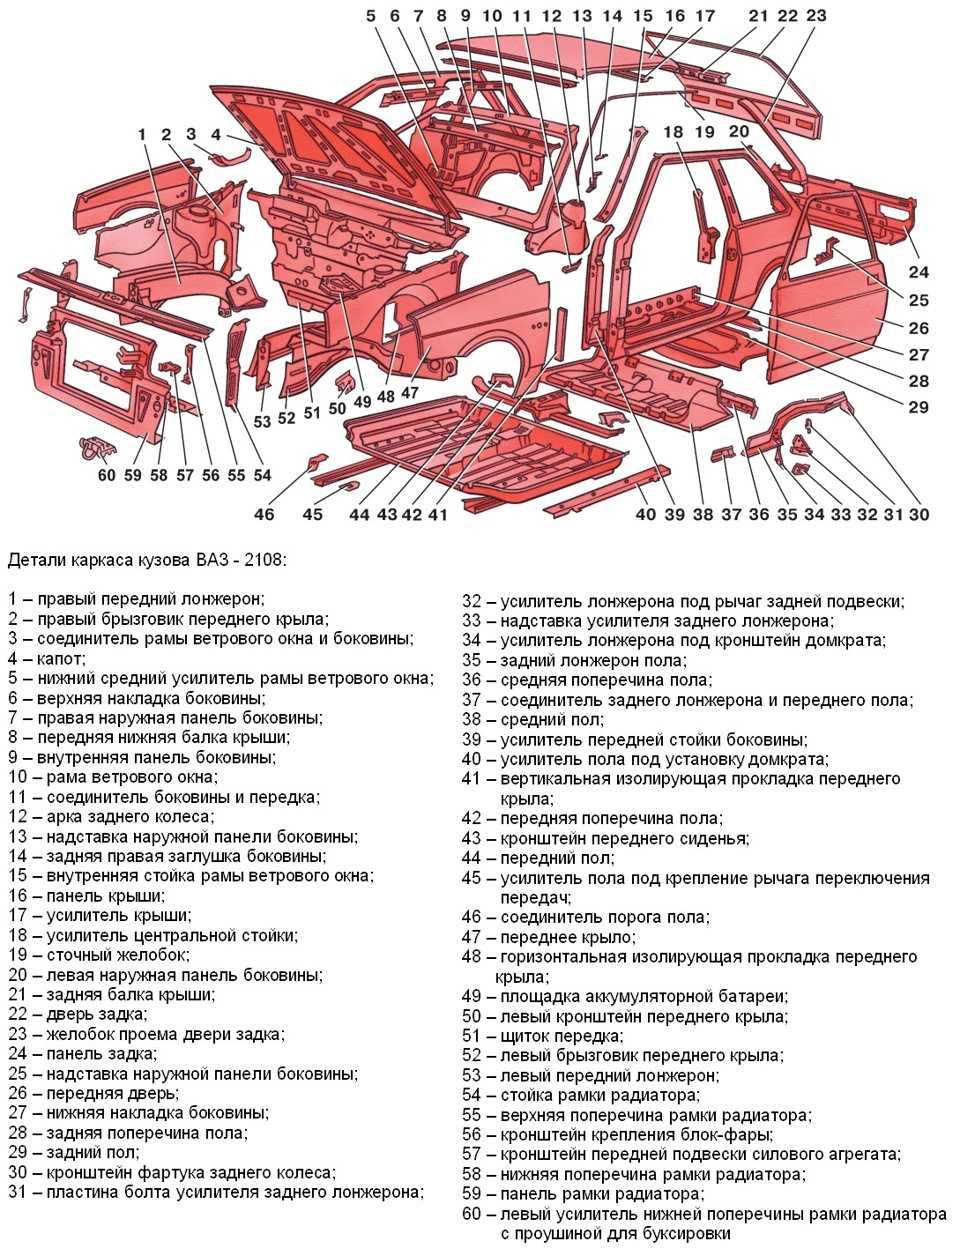 Кузовные запчасти - описание деталей кузова автомобиля и основных частей машины